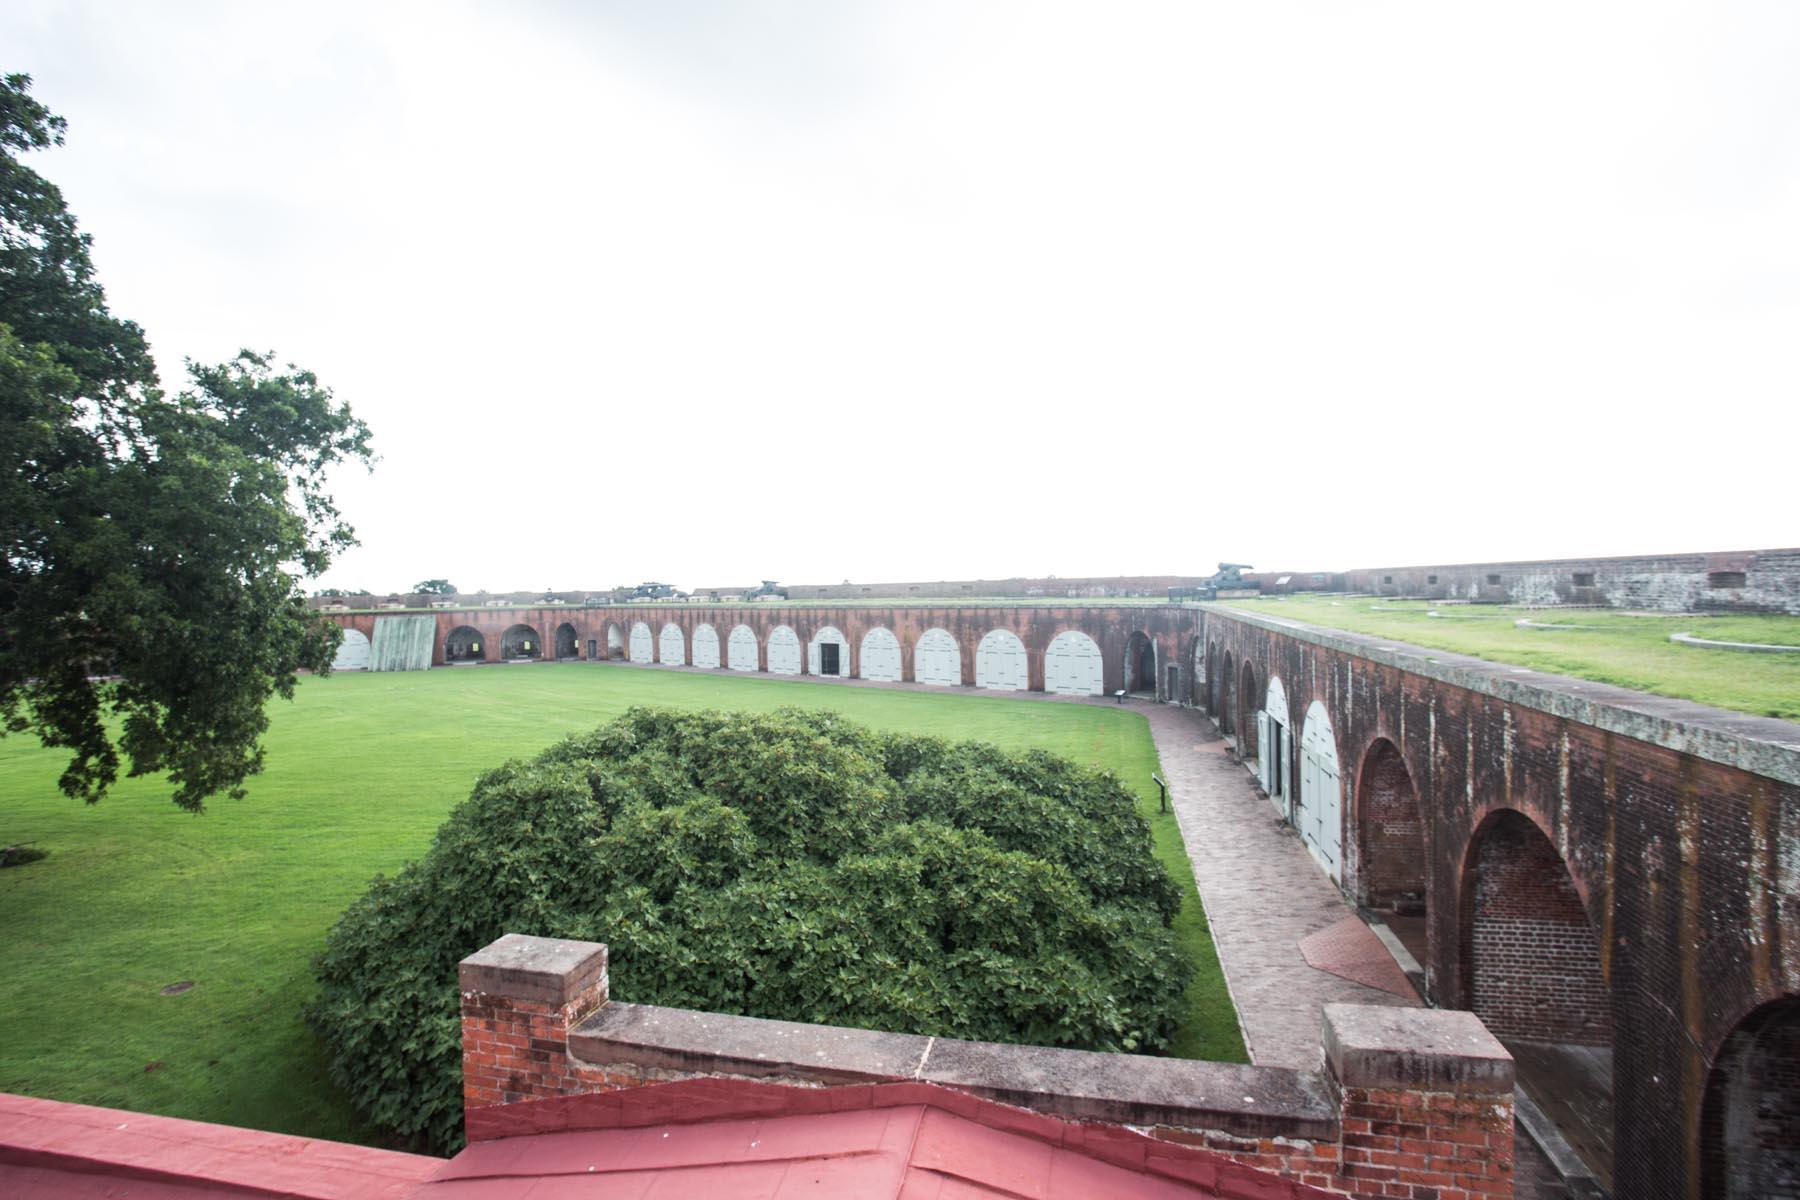 fort pulaski-201508233897.jpg